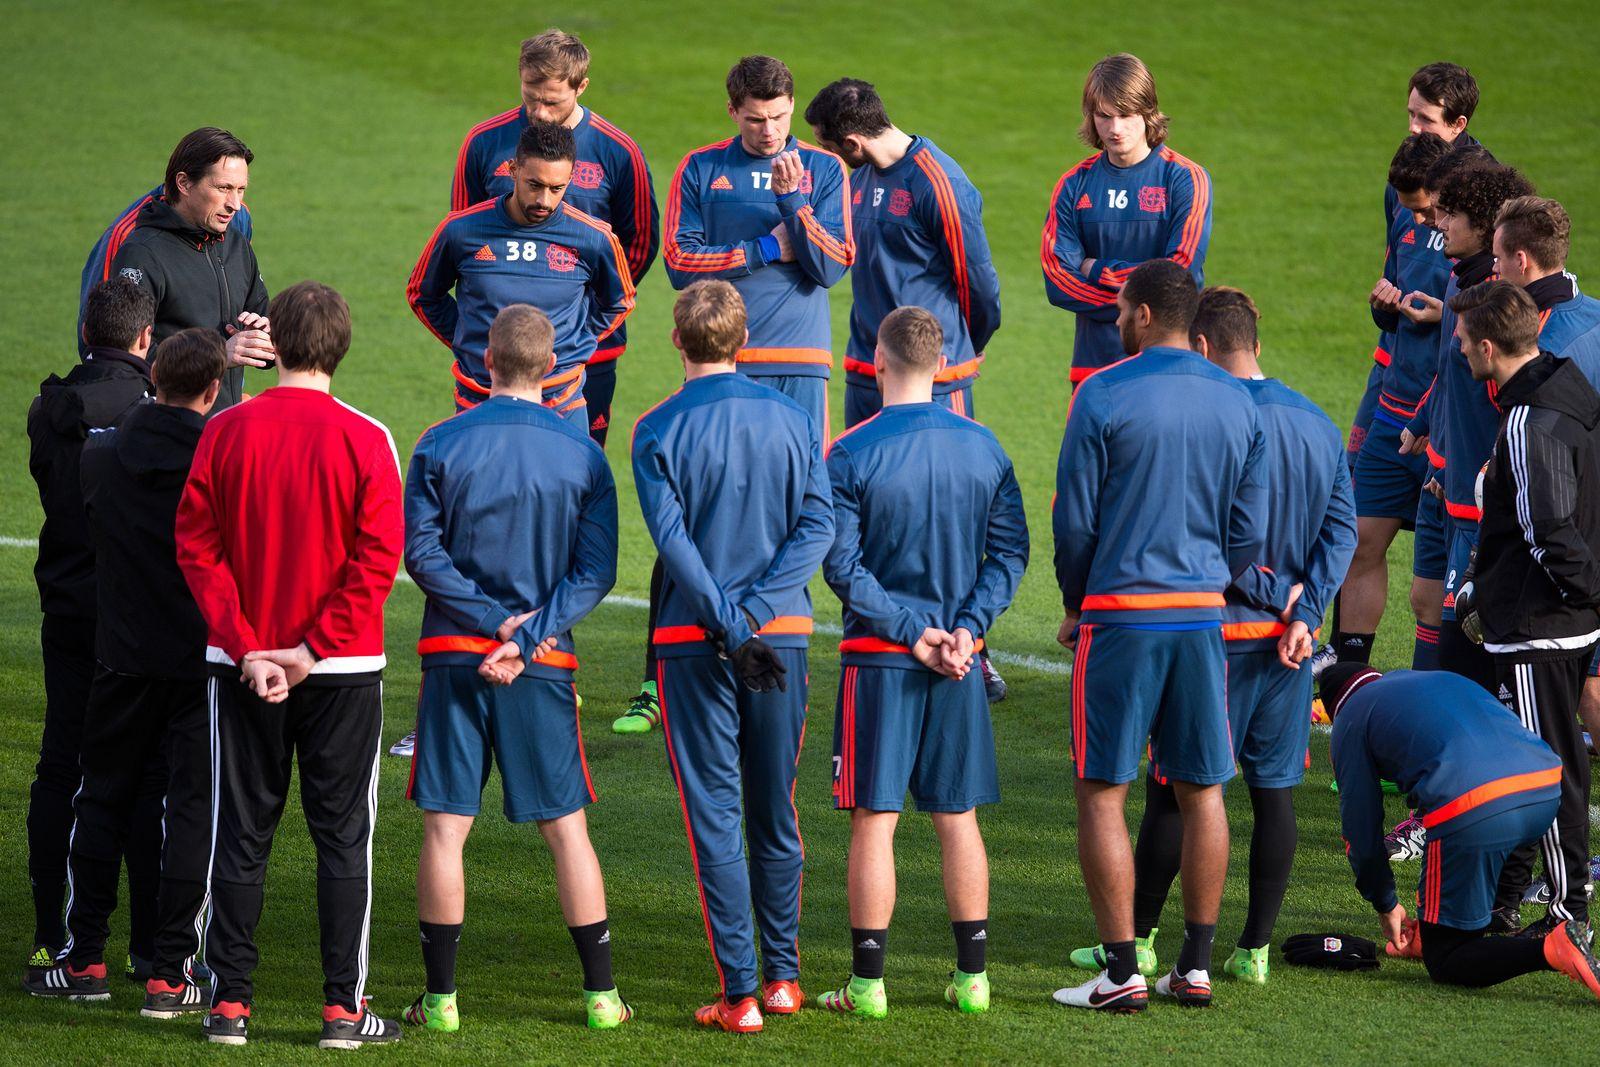 Bayer 04 Leverkusen - Training